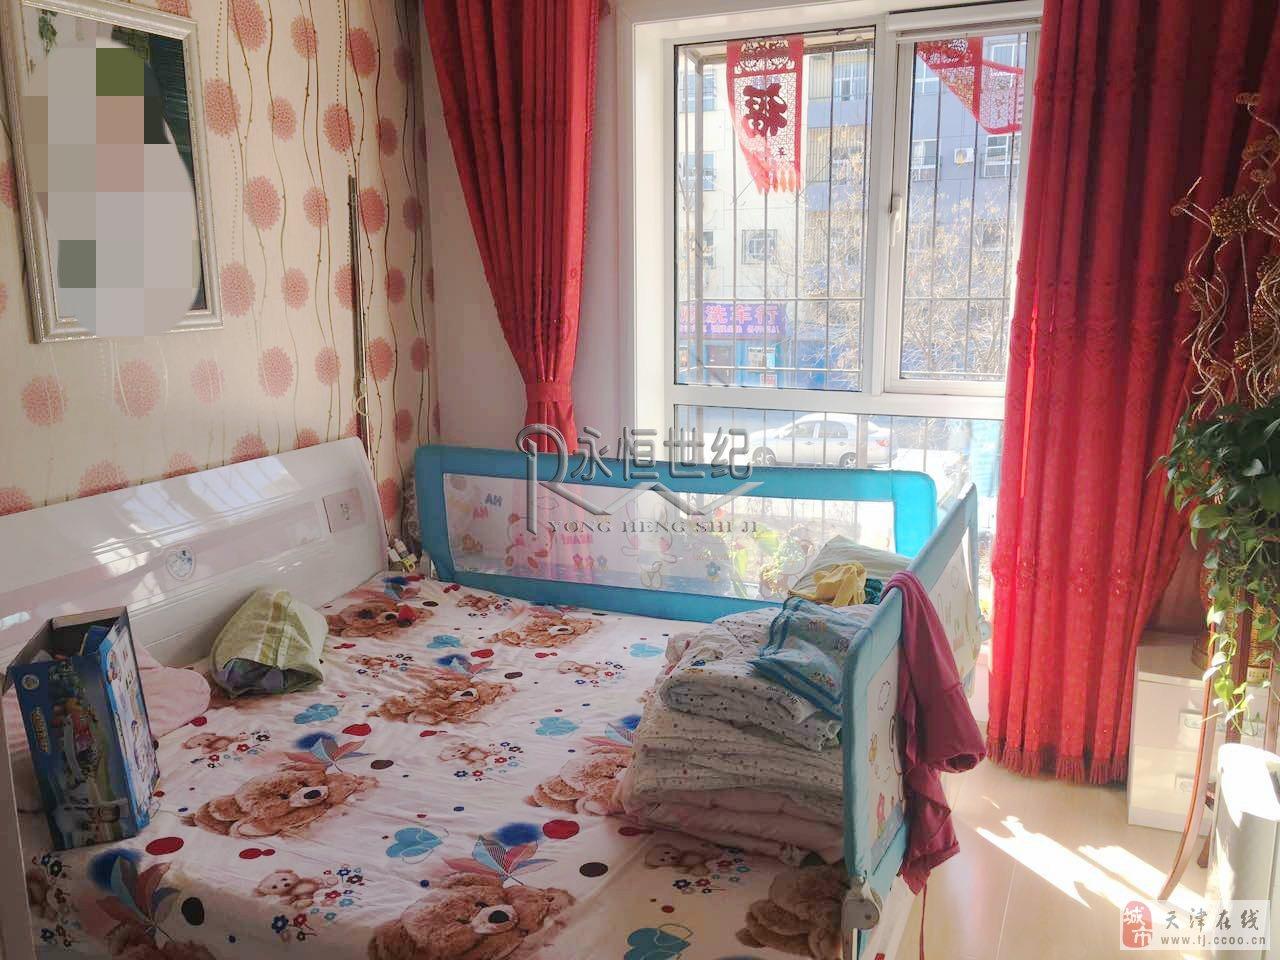 海委公寓2室1厅1卫2500元―好楼层、邻轻柜